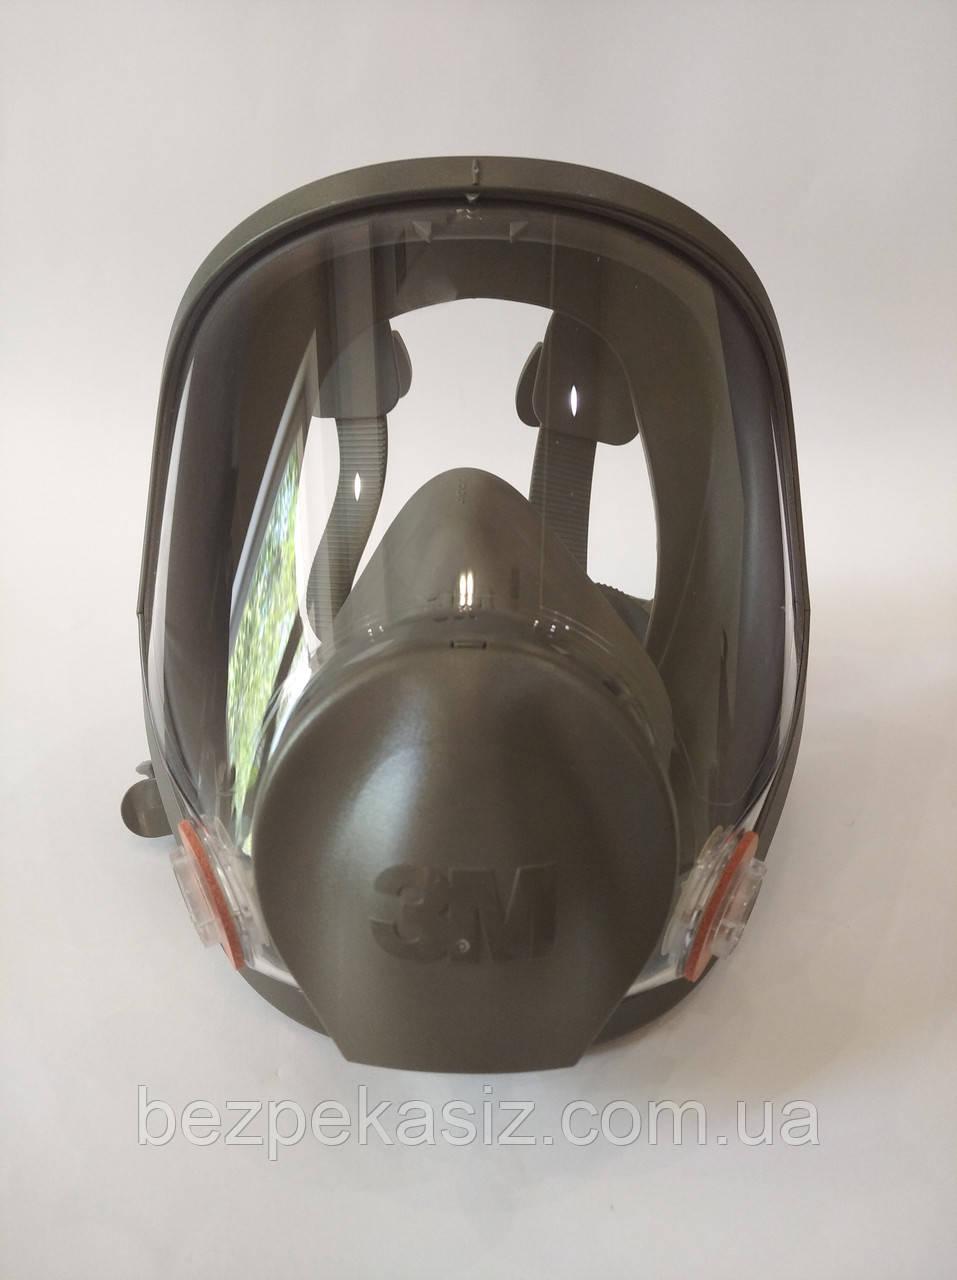 Полнолицевая маска 3М 6800 серии 6000 ОРИГИНАЛ